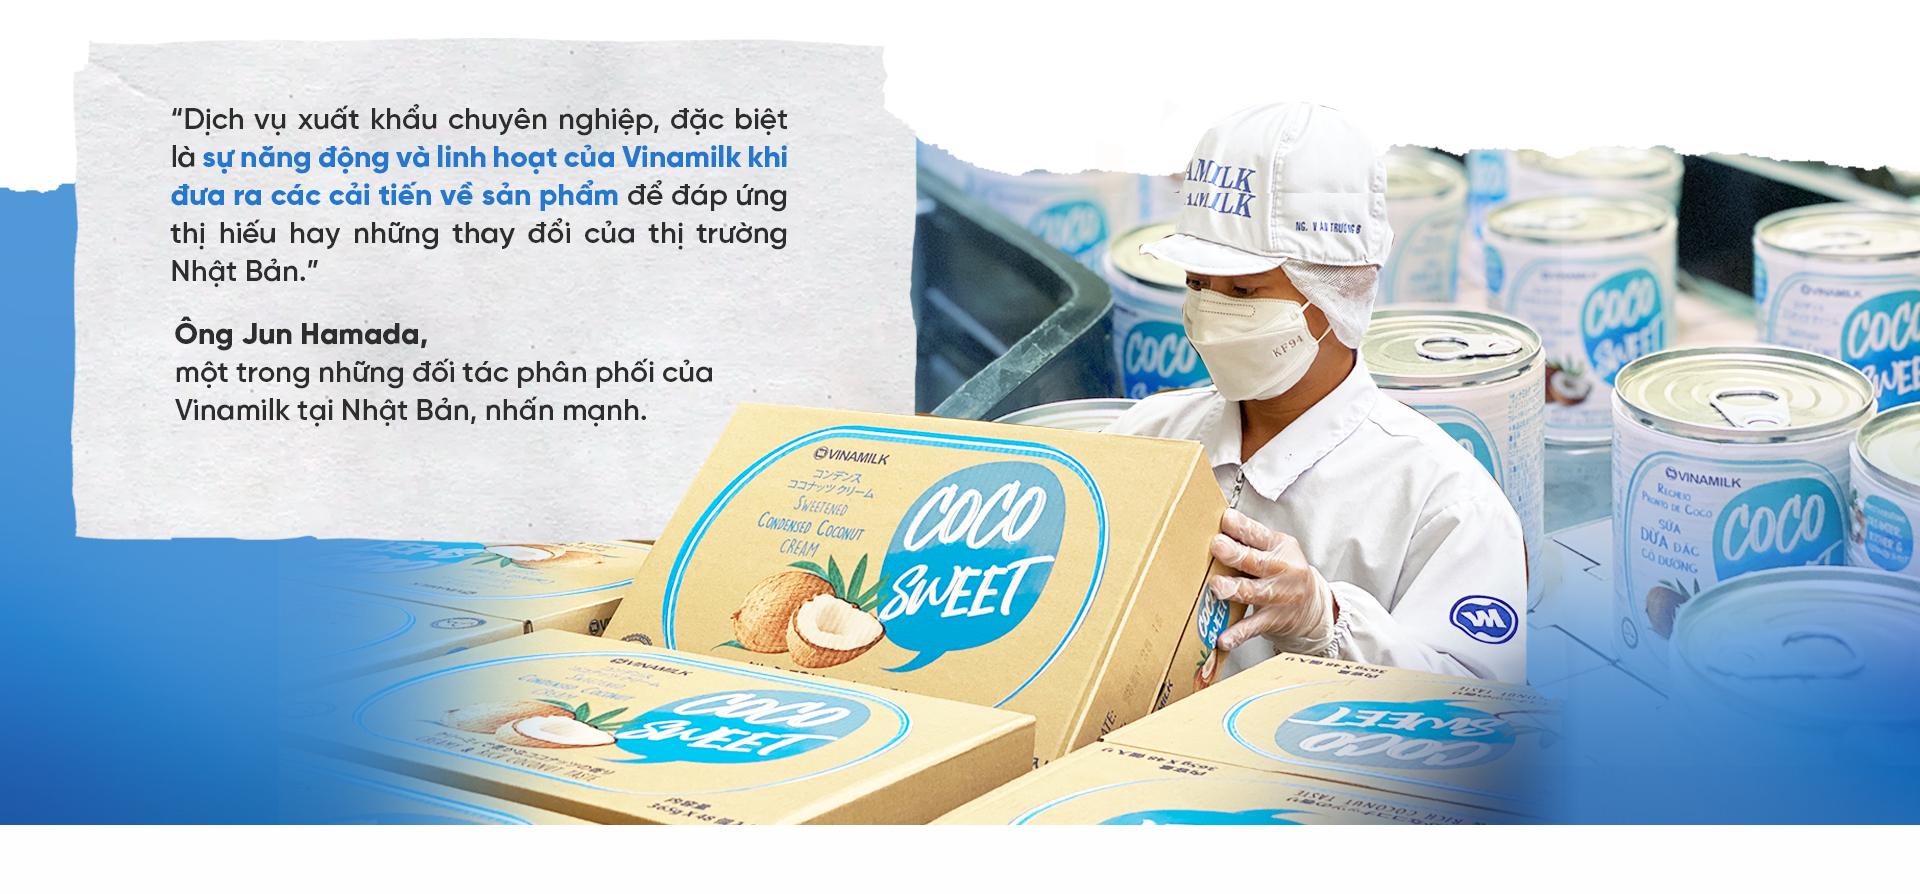 Vinamilk: Dấu son sữa Việt trên đấu trường quốc tế - Ảnh 11.